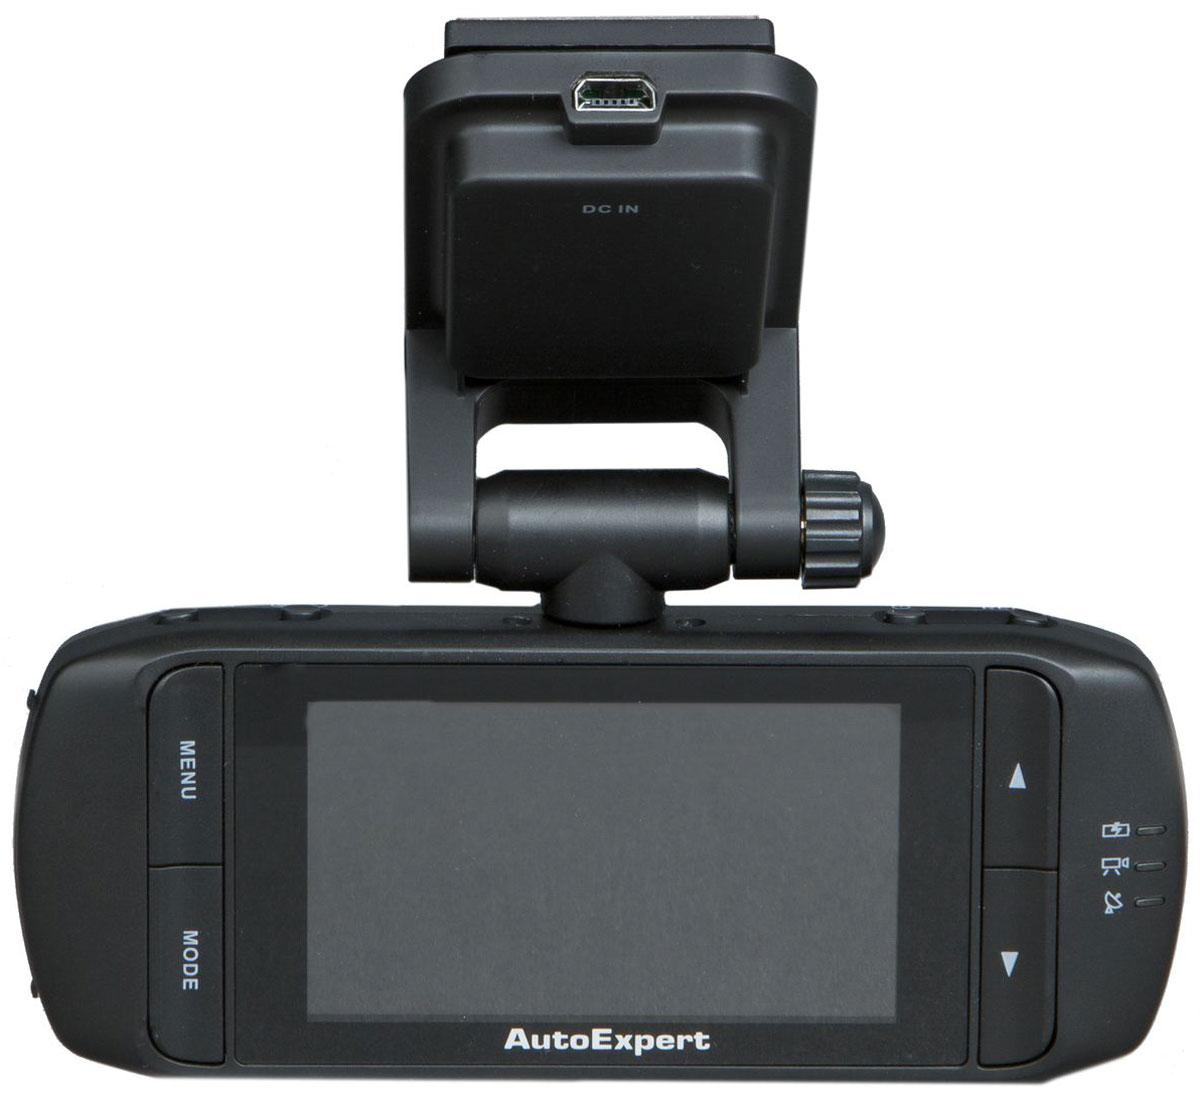 AutoExpert DVR 810, Black автомобильный видеорегистратор 2170816988101